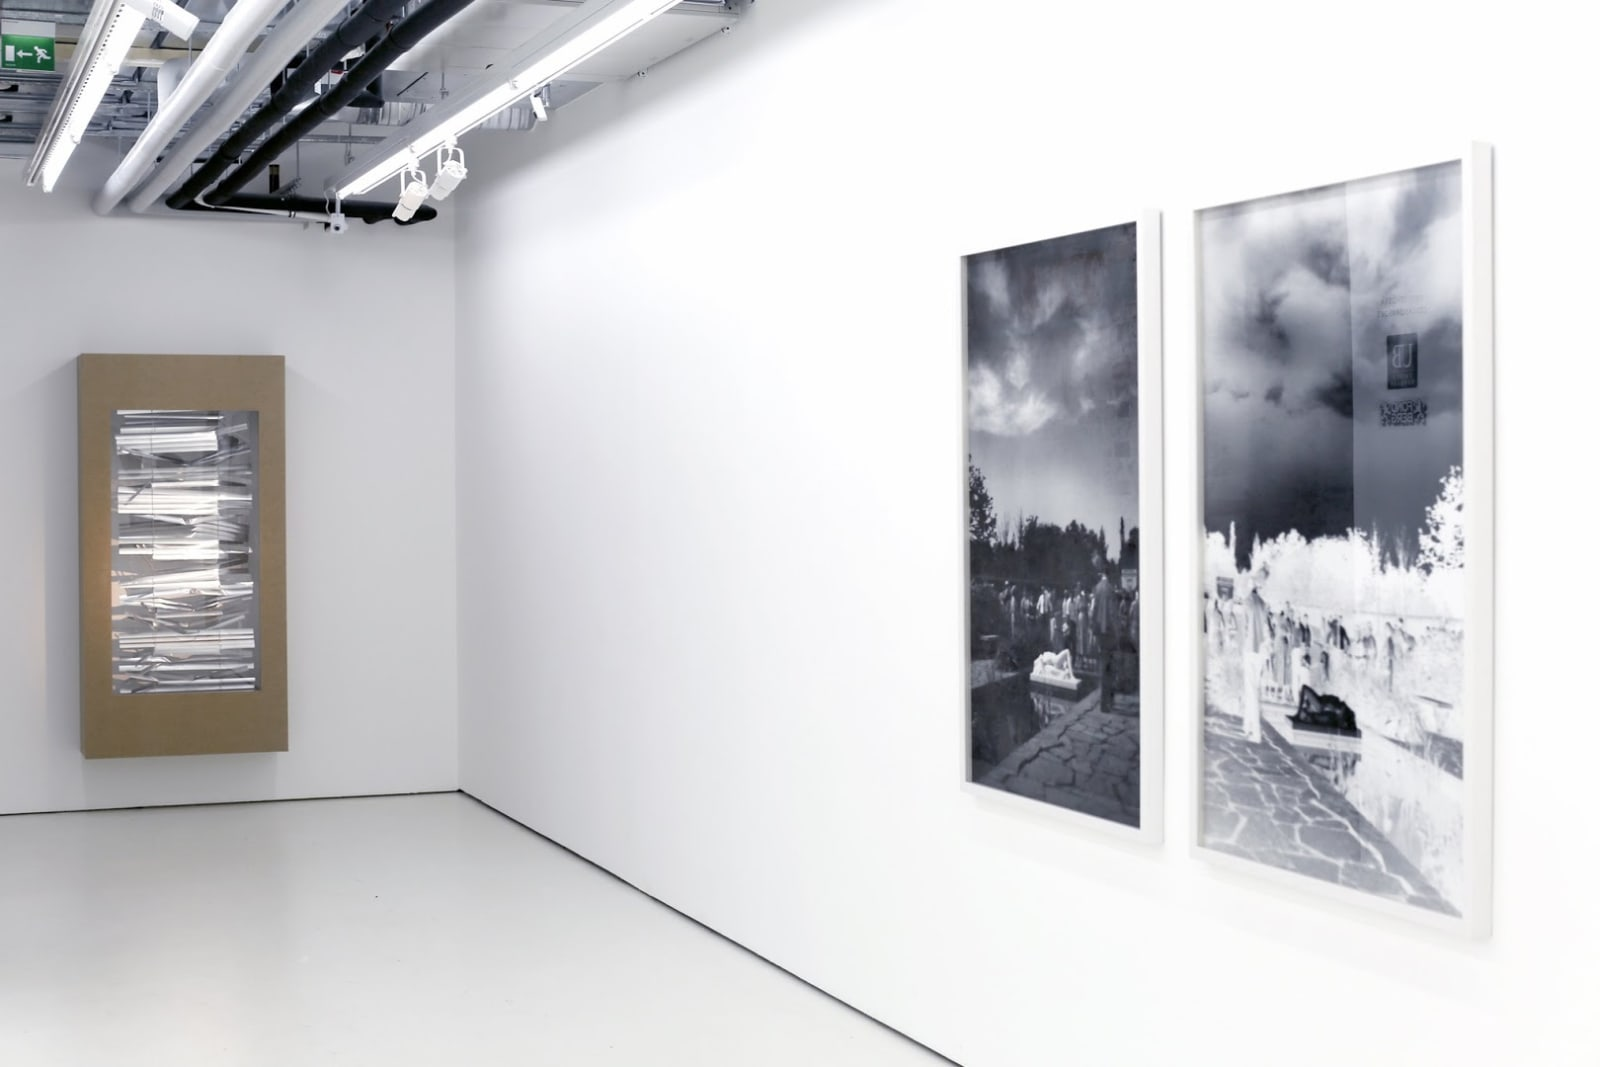 Annika von Hausswolff Installation view from Helsinki Contemporary, Finland, 2013